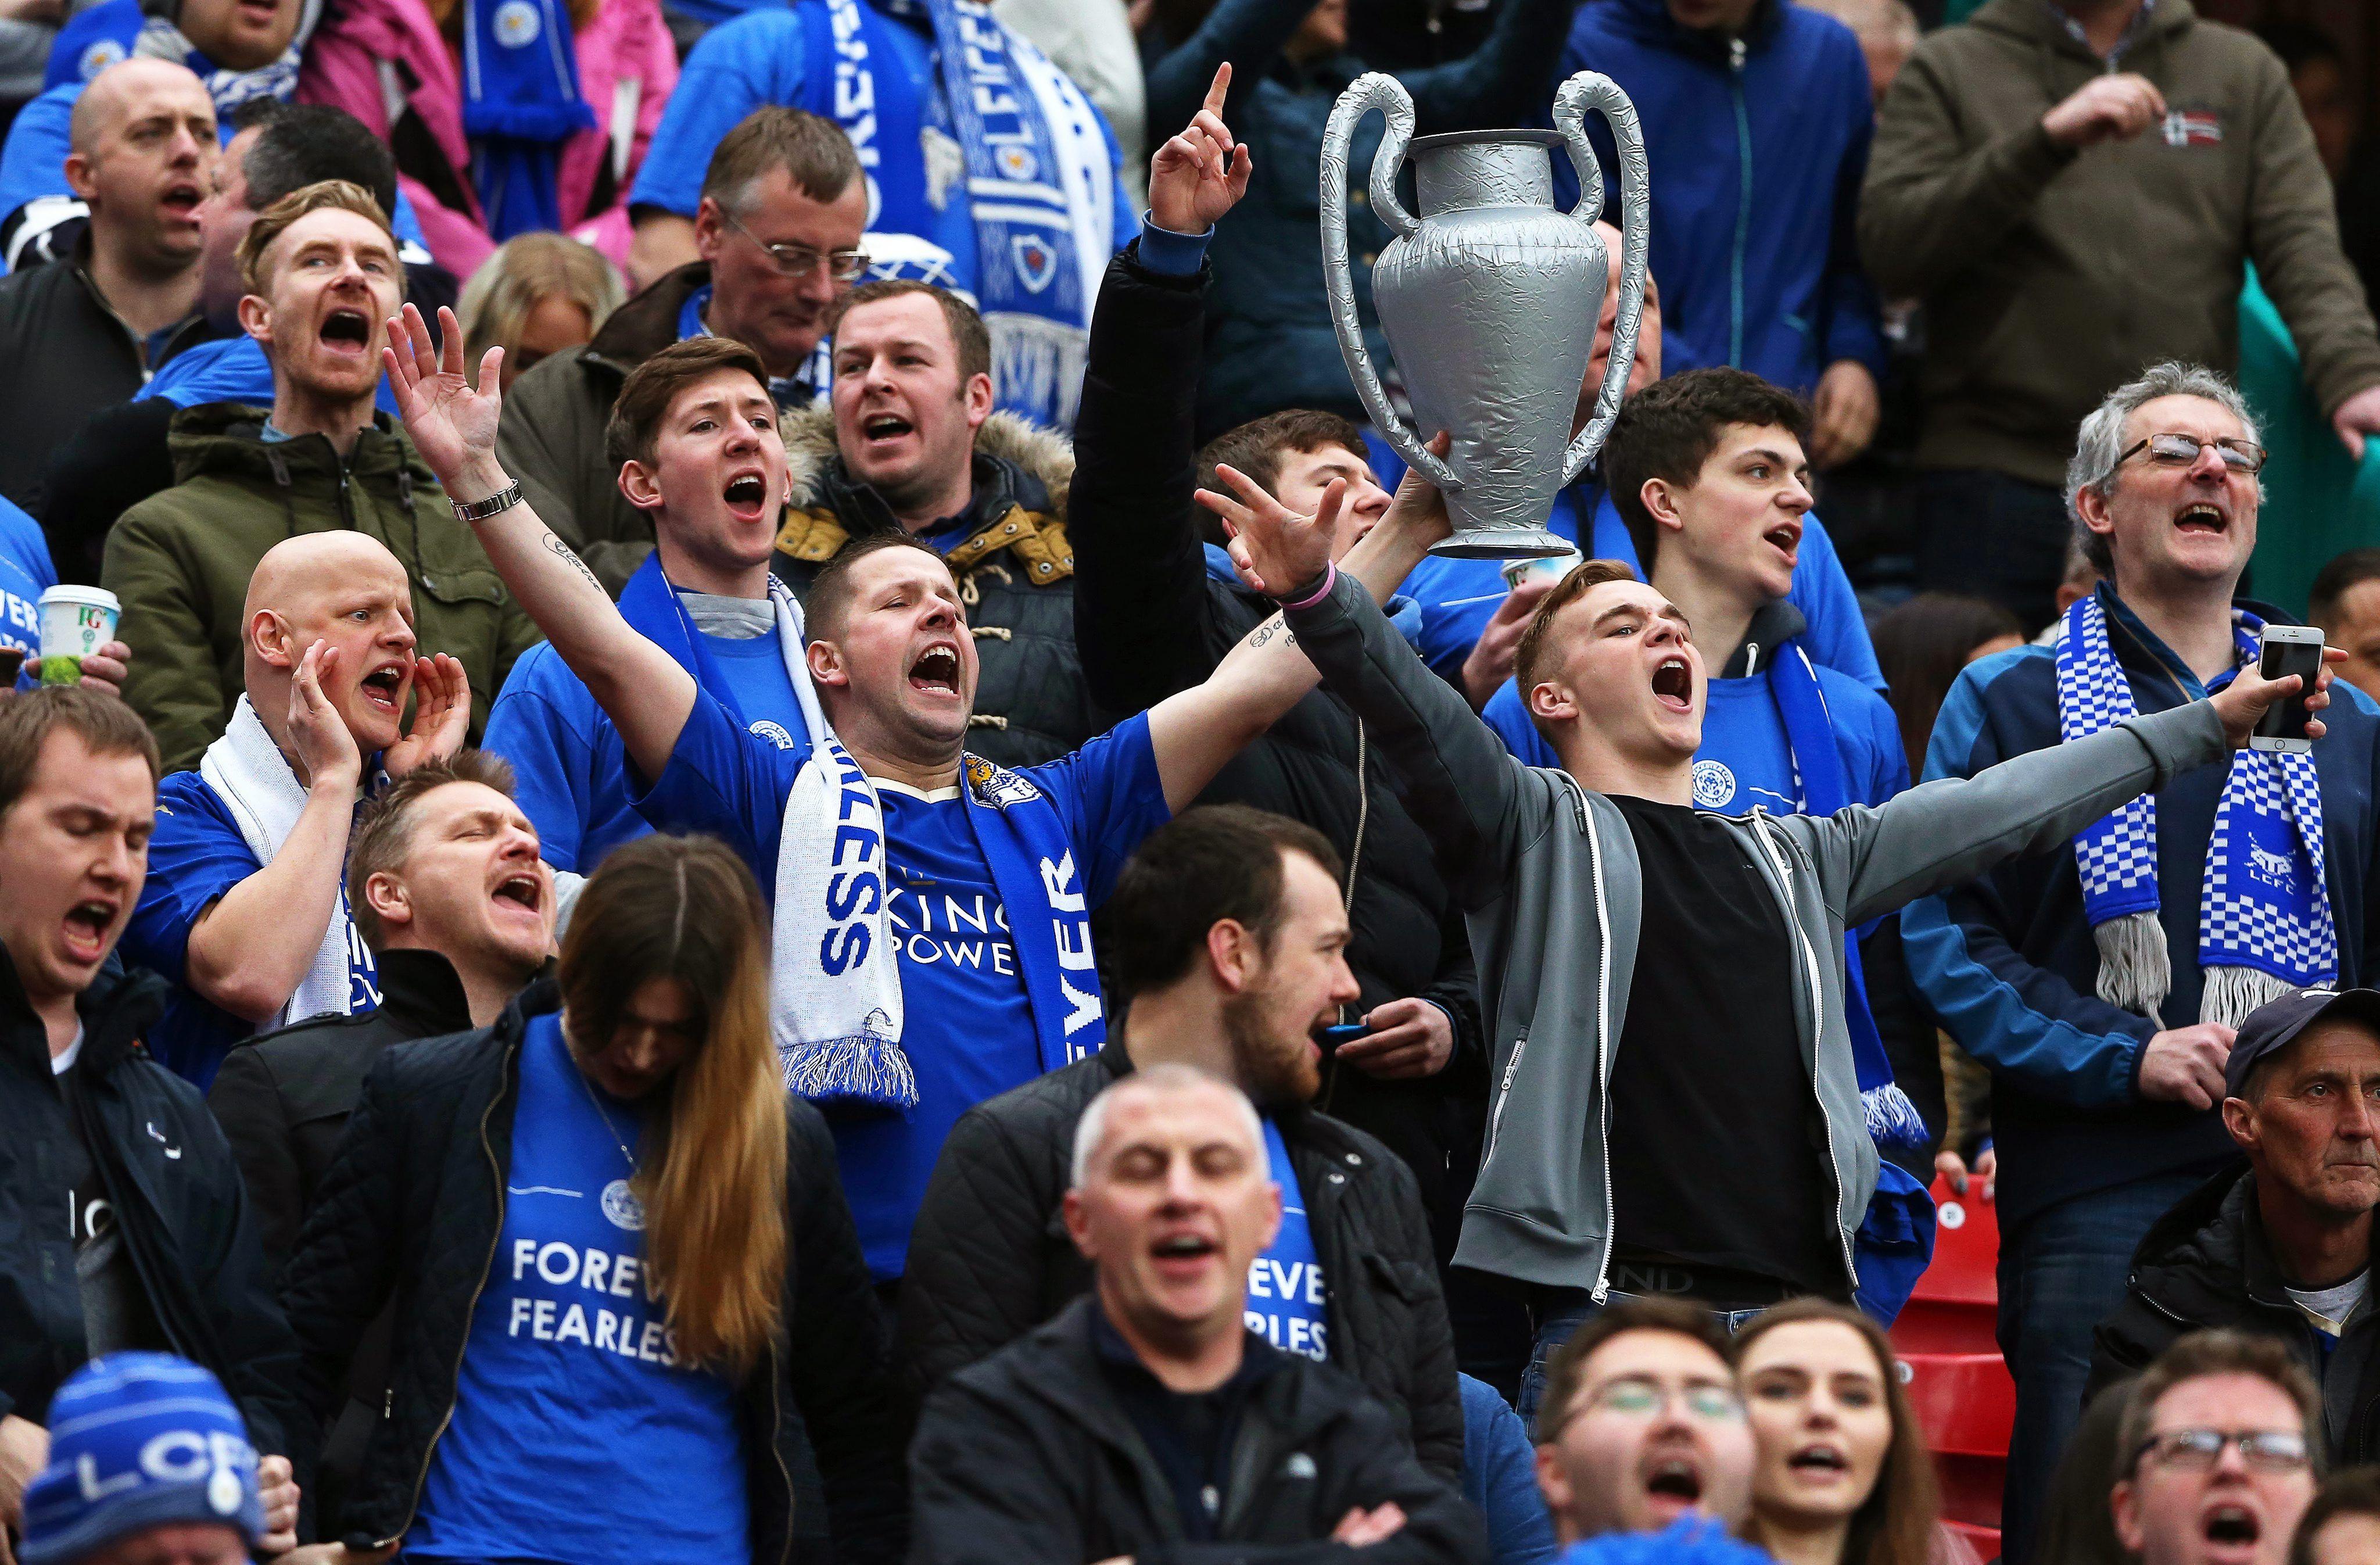 El DT de Leicester cree más en los extraterrestres que en retener el título